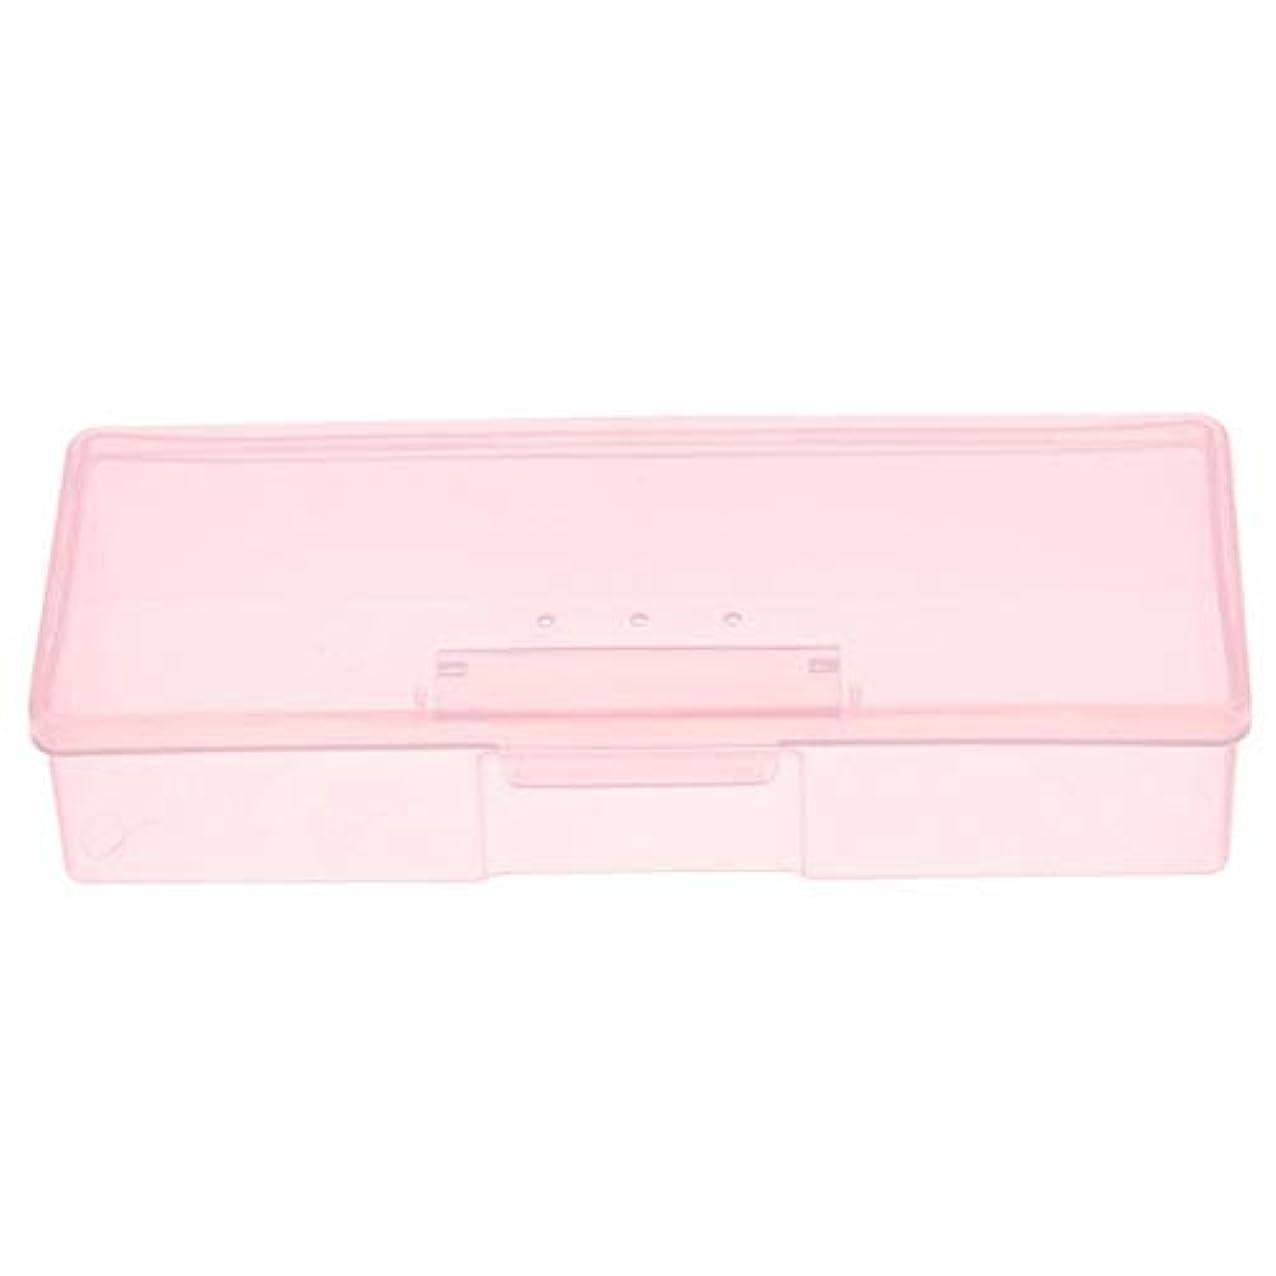 混合今まで冗長CUHAWUDBA マニキュア用ピンクプラスチック透明ネイルツール収納ボックスネイルラインストーン装飾バッファファイル研削オーガナイザーケースツール